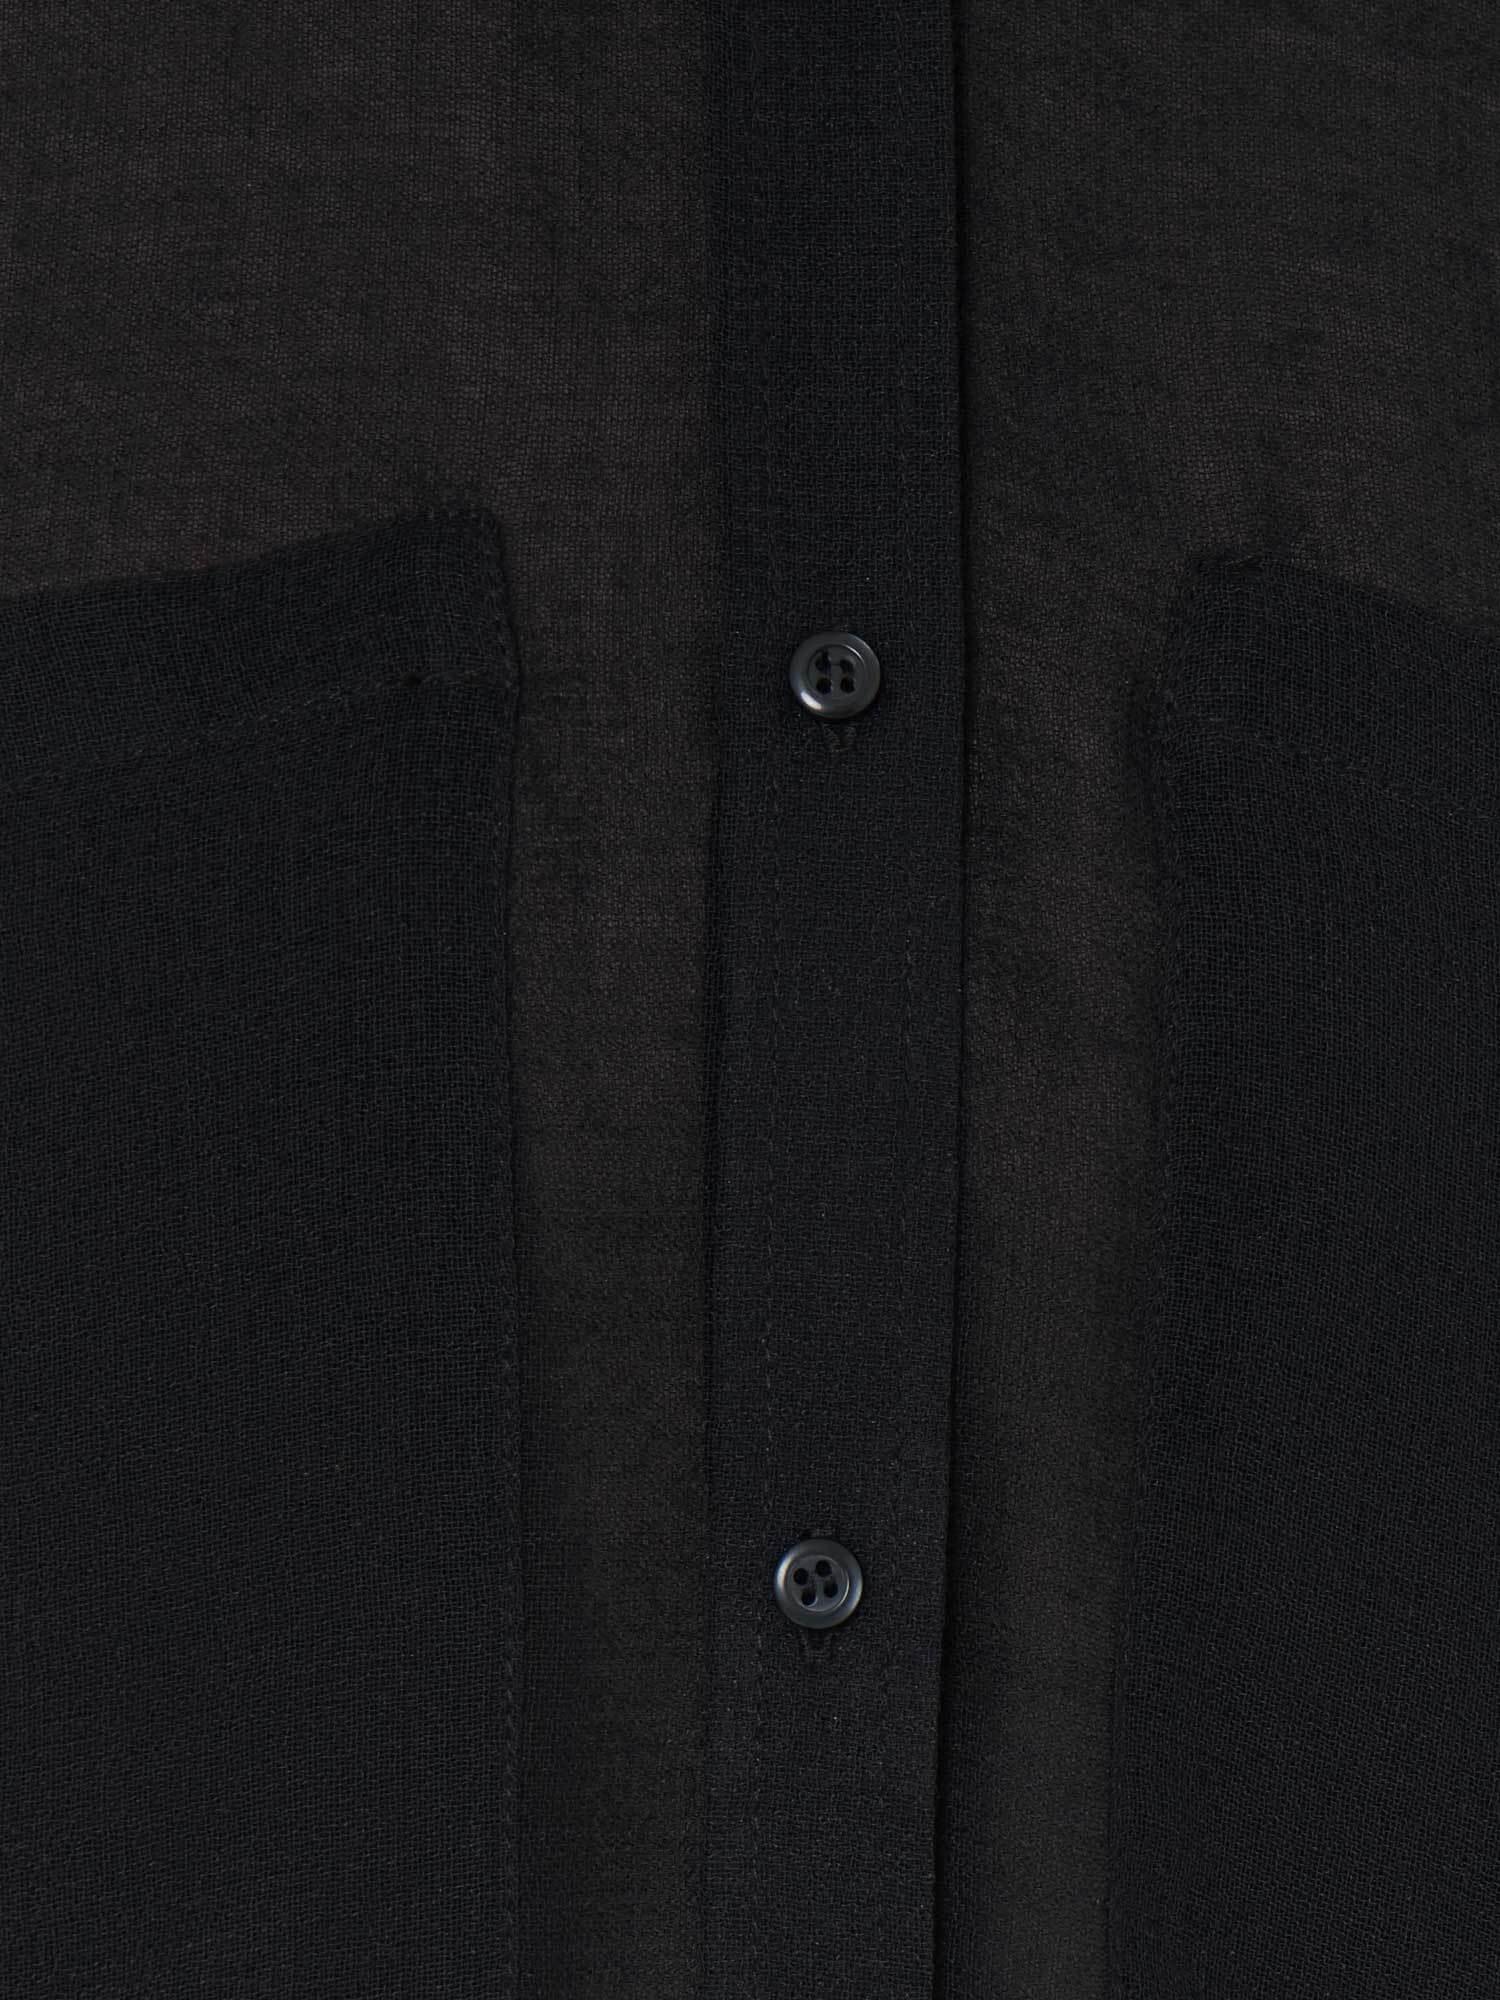 Рубашка Miriam без воротника, Черный